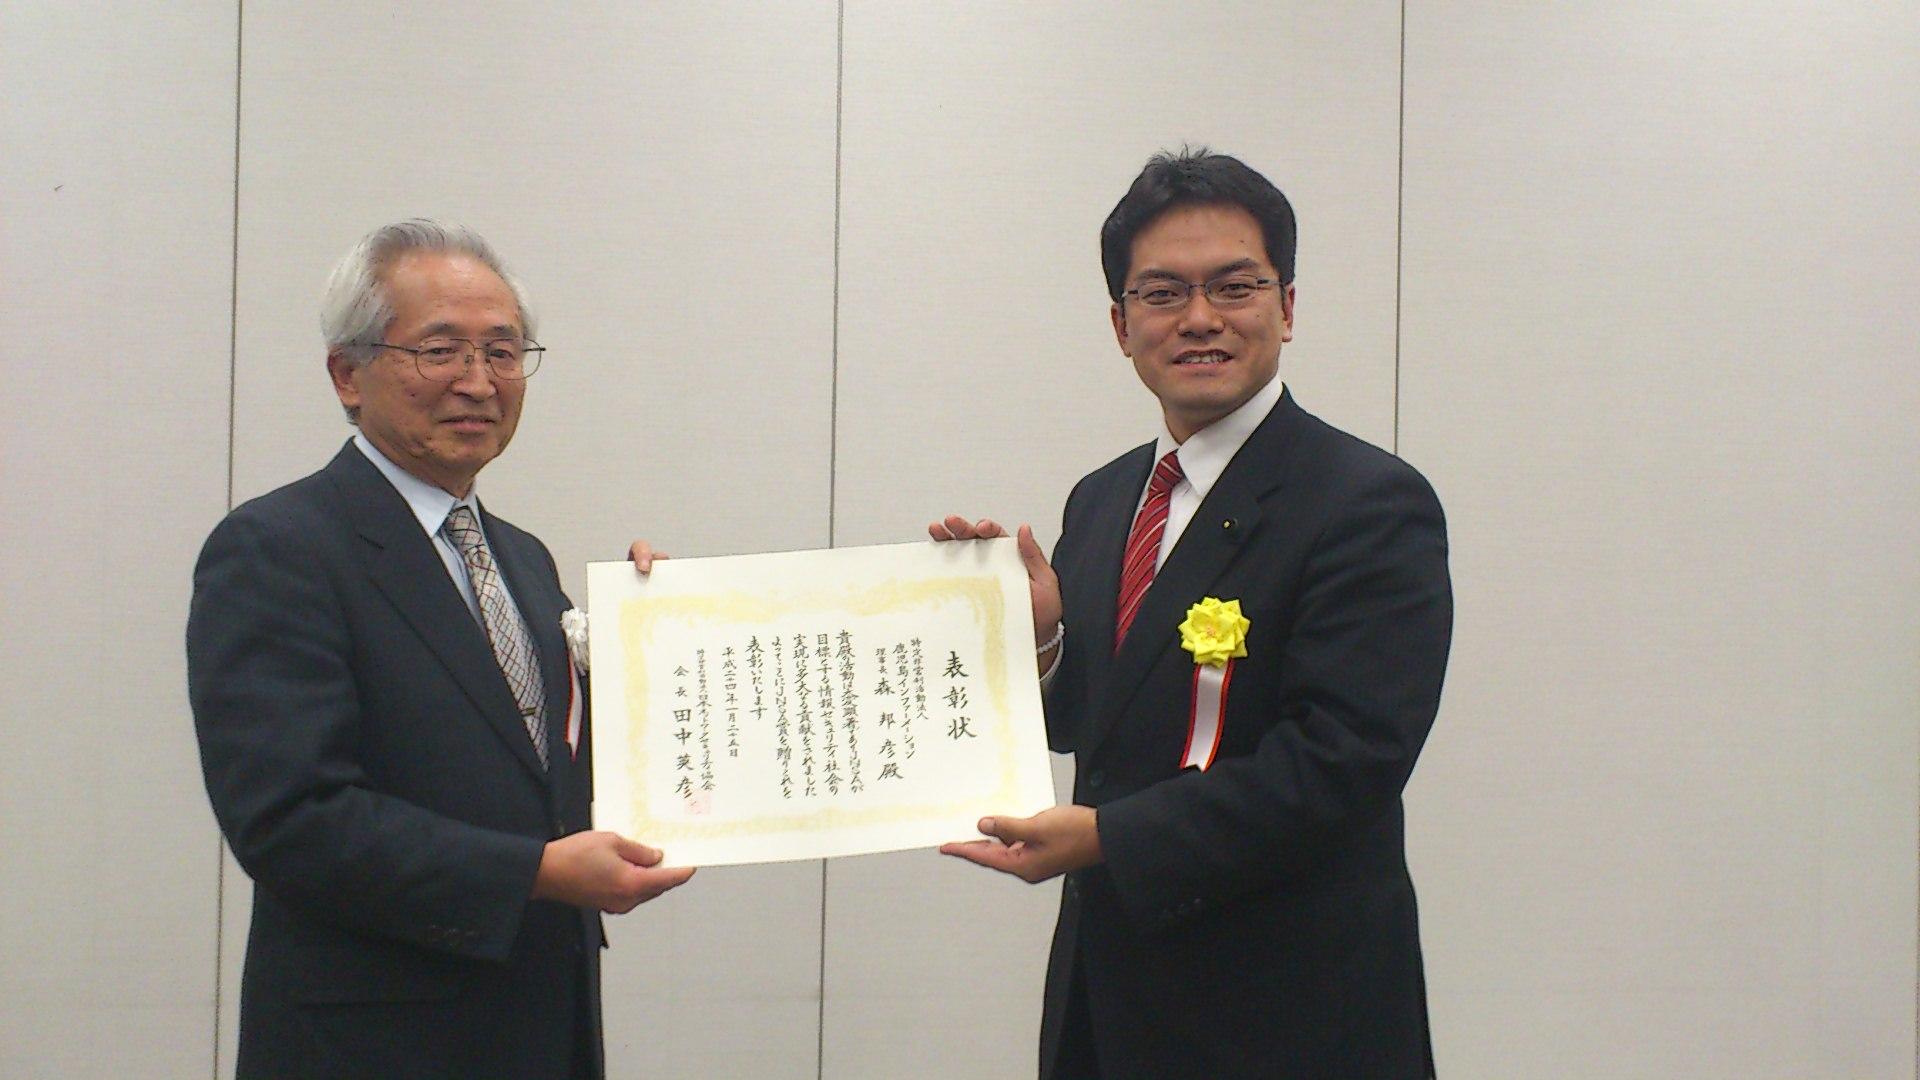 東京に表彰状をもらいに行く_b0039825_19354222.jpg